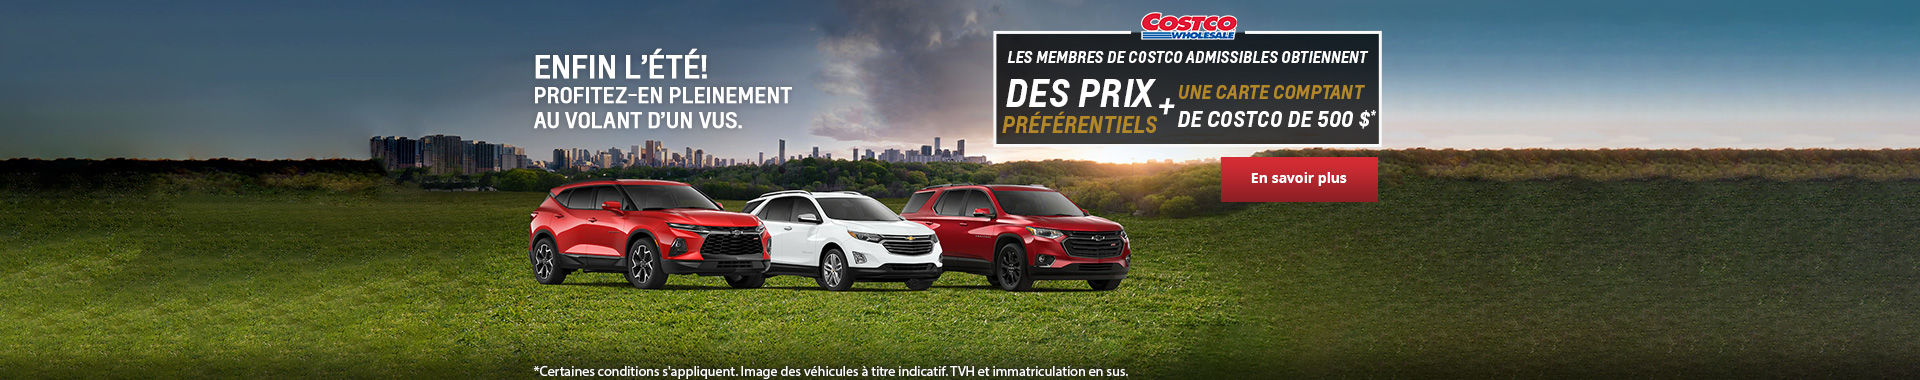 L'événement mensuel Chevrolet!